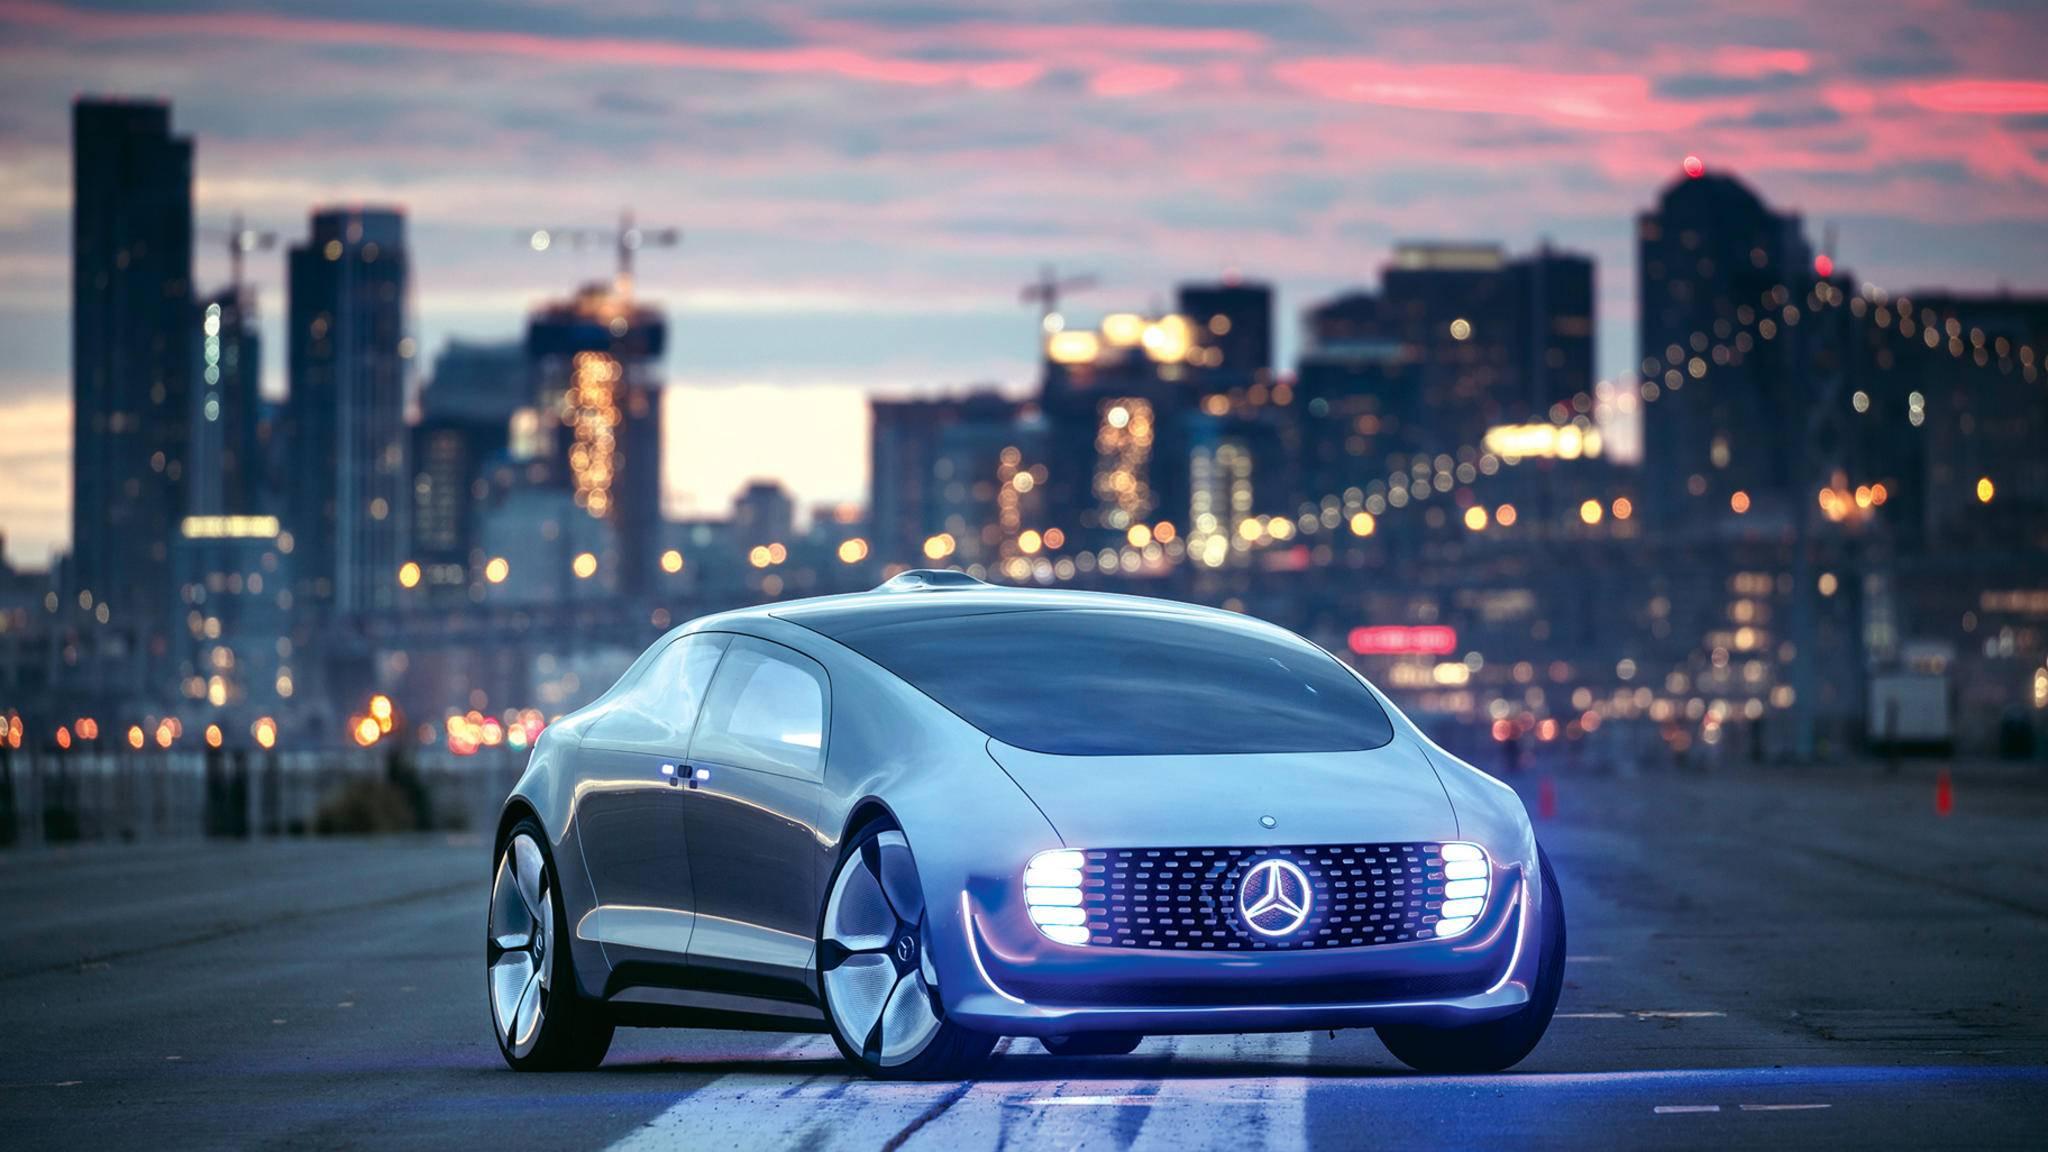 """Spacig: Durch die LED-Beleuchtung sieht der Zukunfs-Benz mehr nach Raumschiff als nach Auto aus. """"Blade Runner"""" lässt grüßen."""